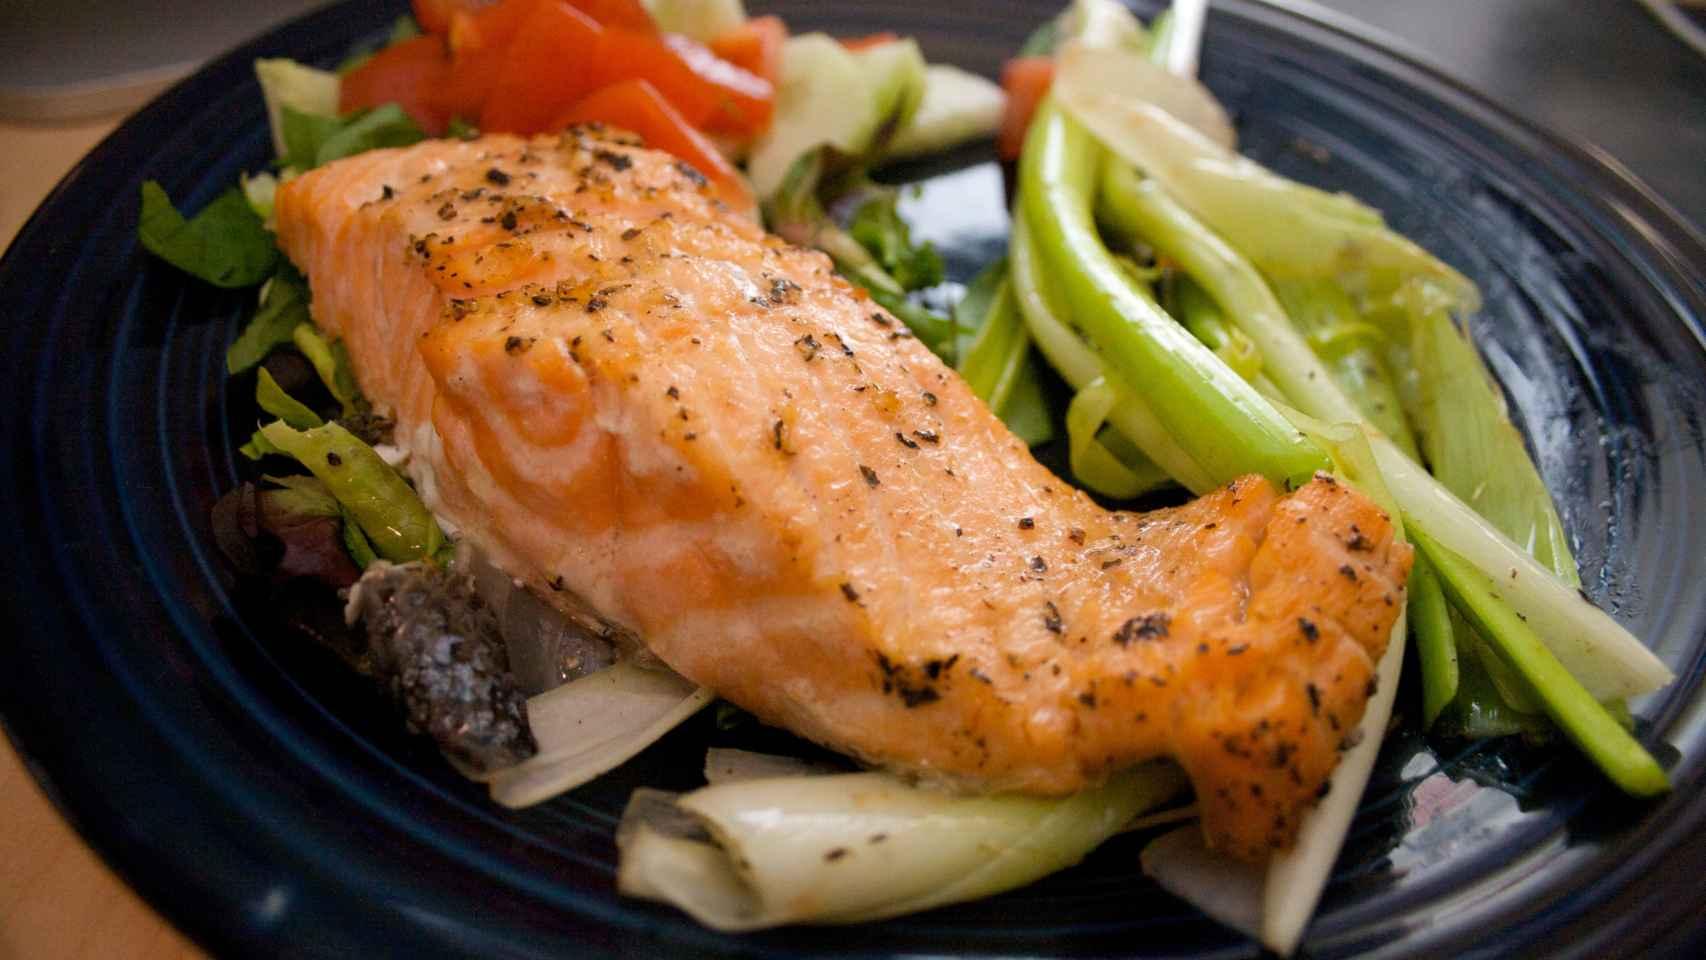 El salmón es uno de los pescados más ricos en Omega-3